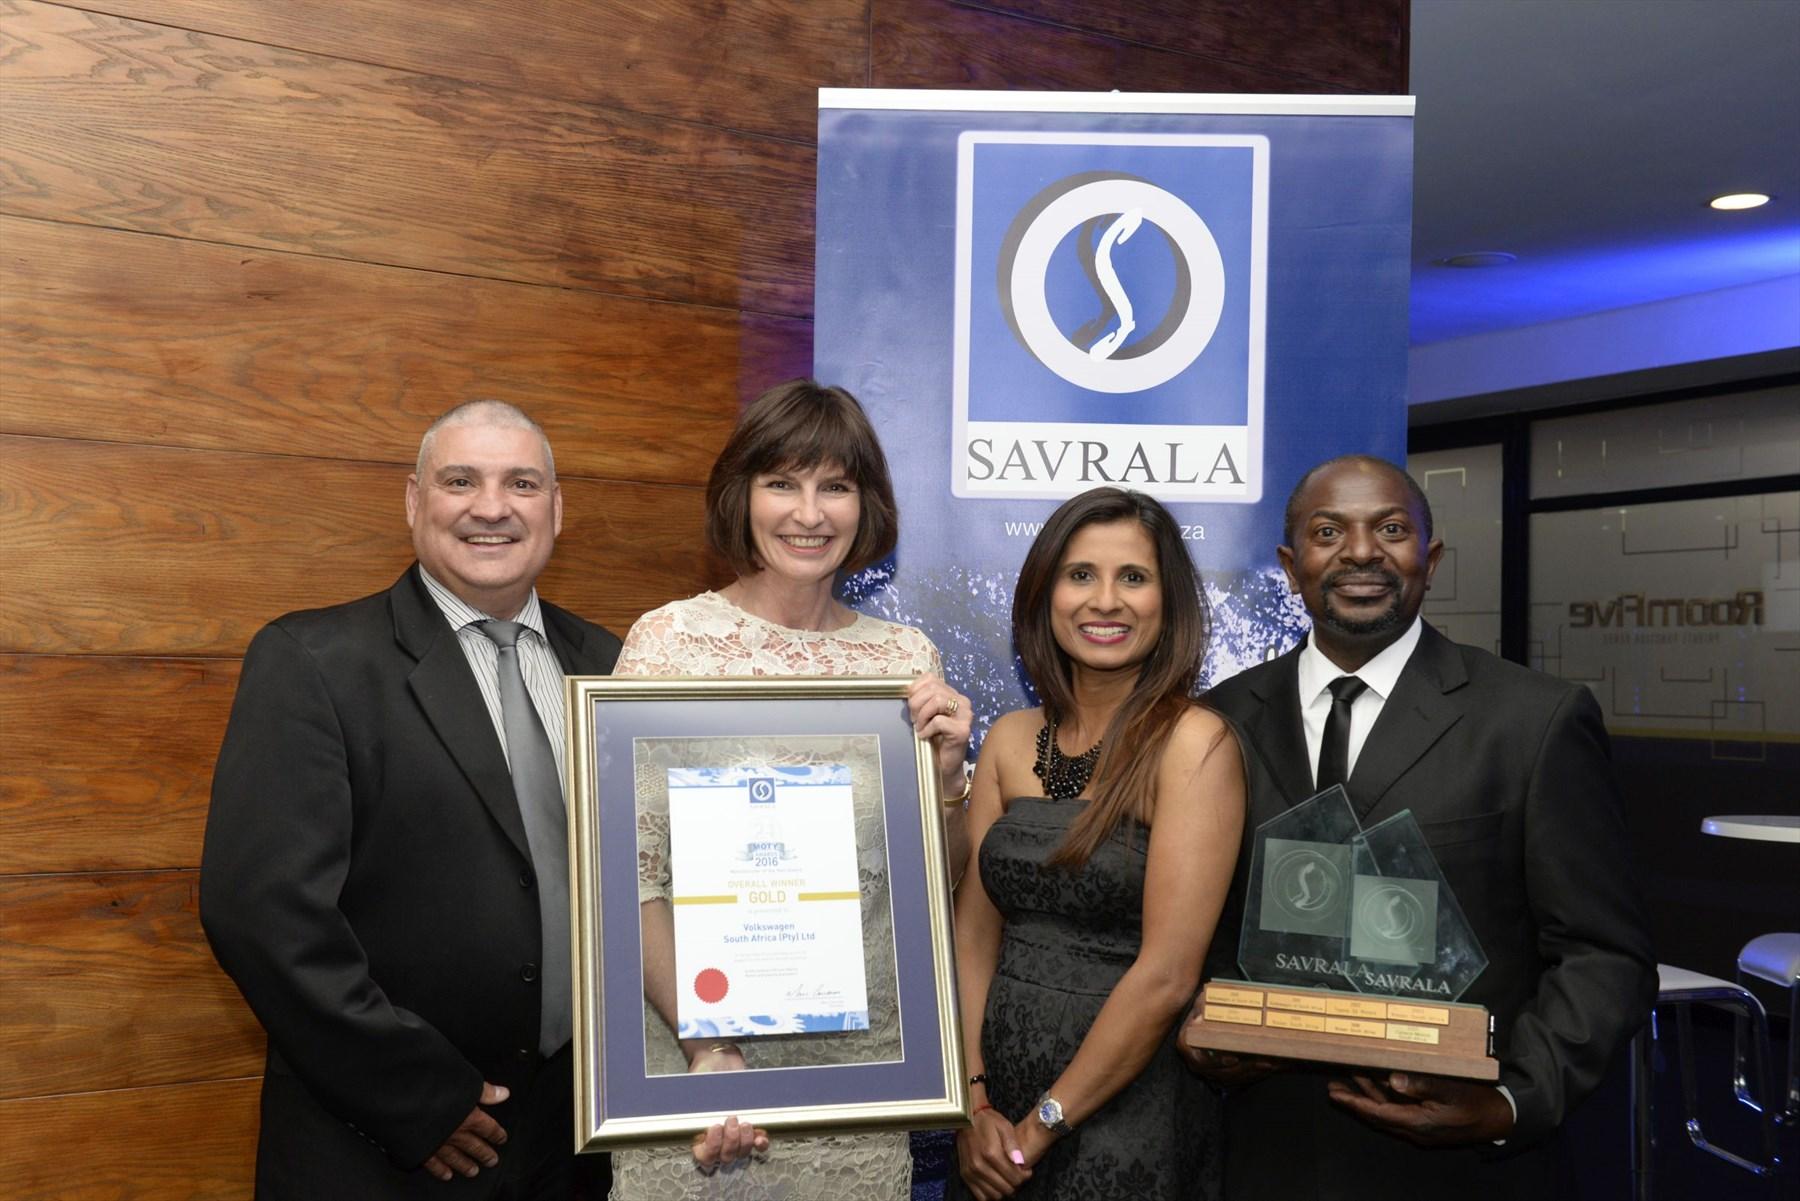 vwsa-savrala-awards_002_1800x1800